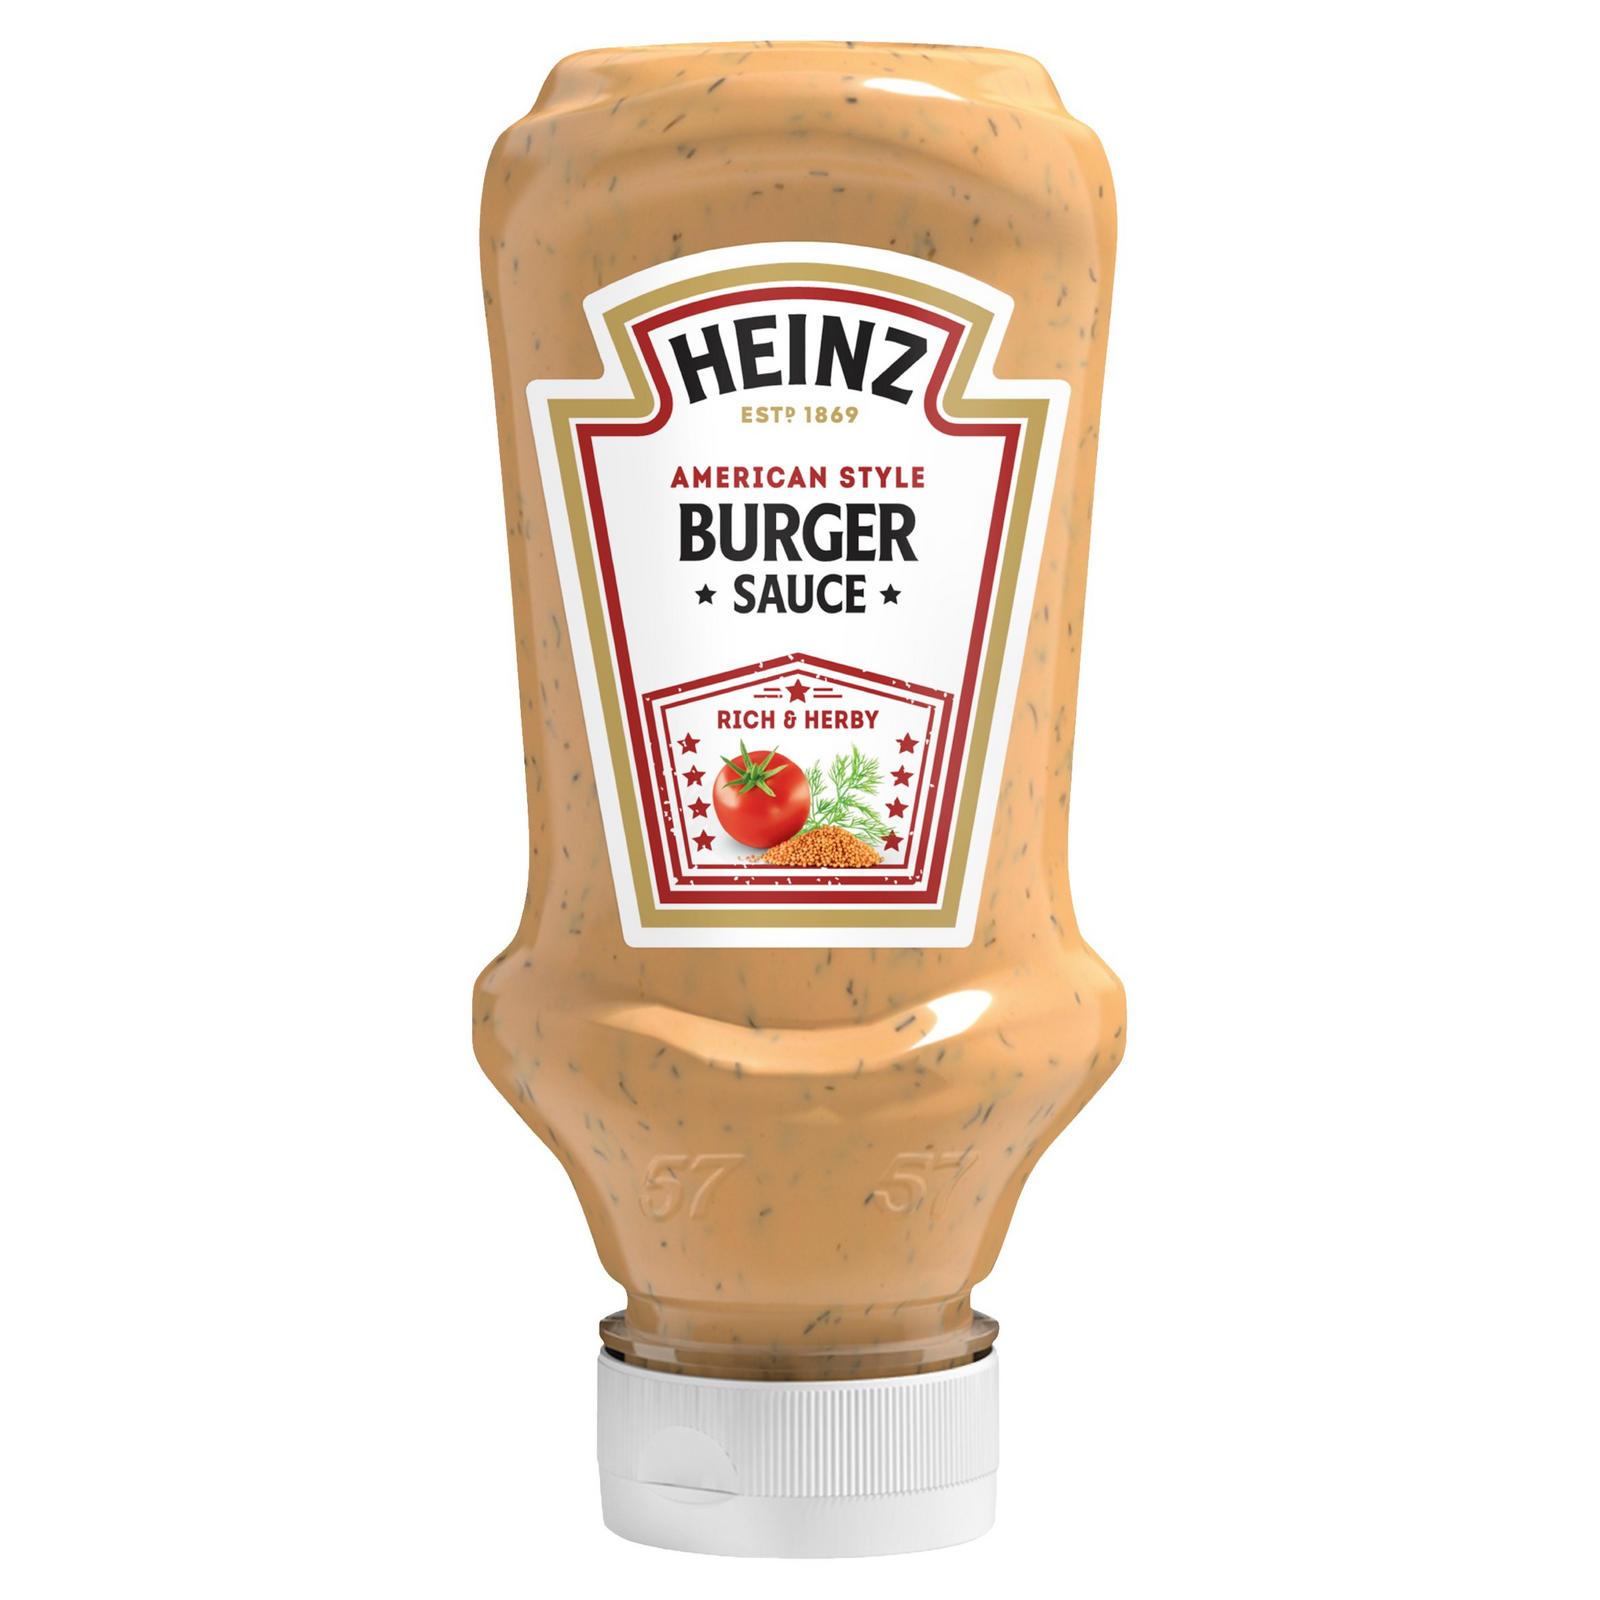 Heinz Burger Sauce 245g